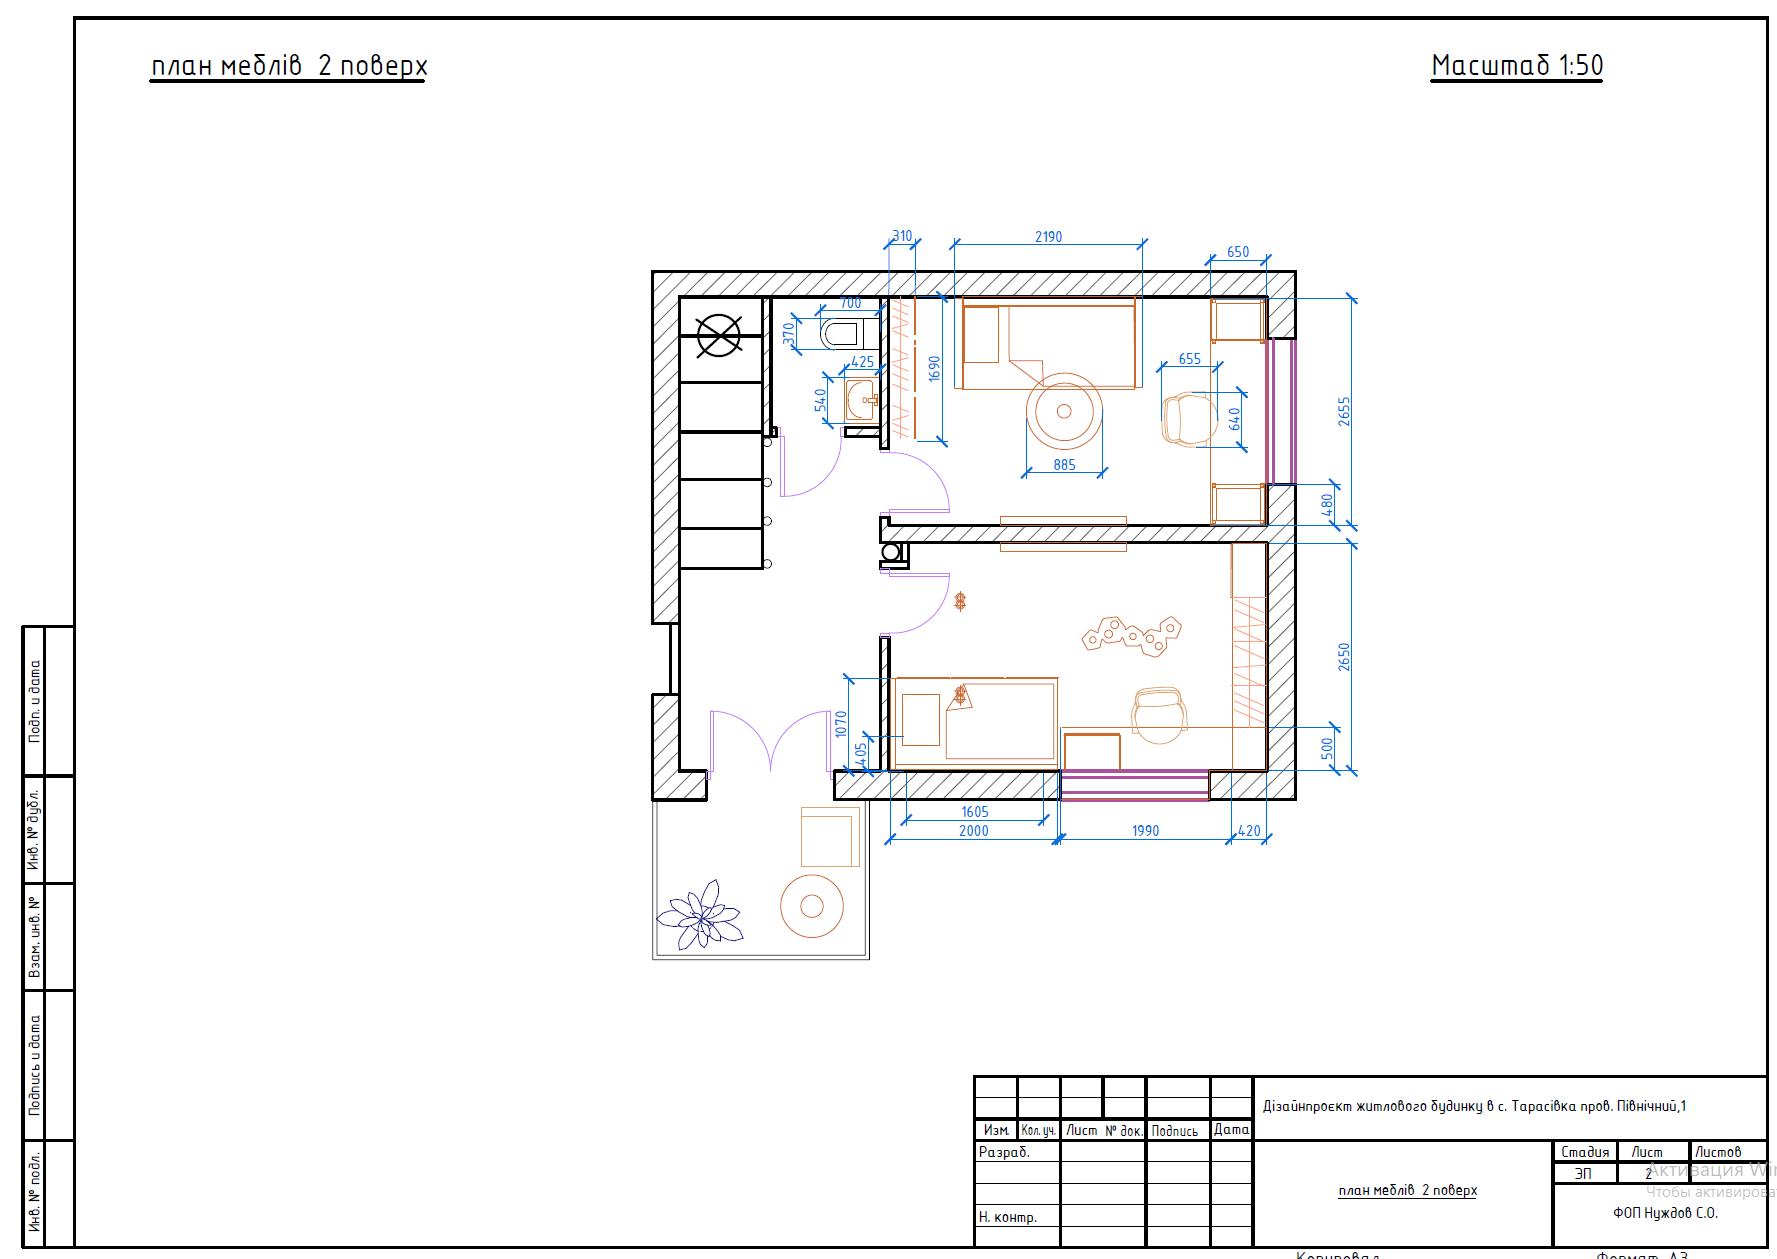 Фото Розробка нового планіровочного рішення з розстановкою меблів 2 поверх